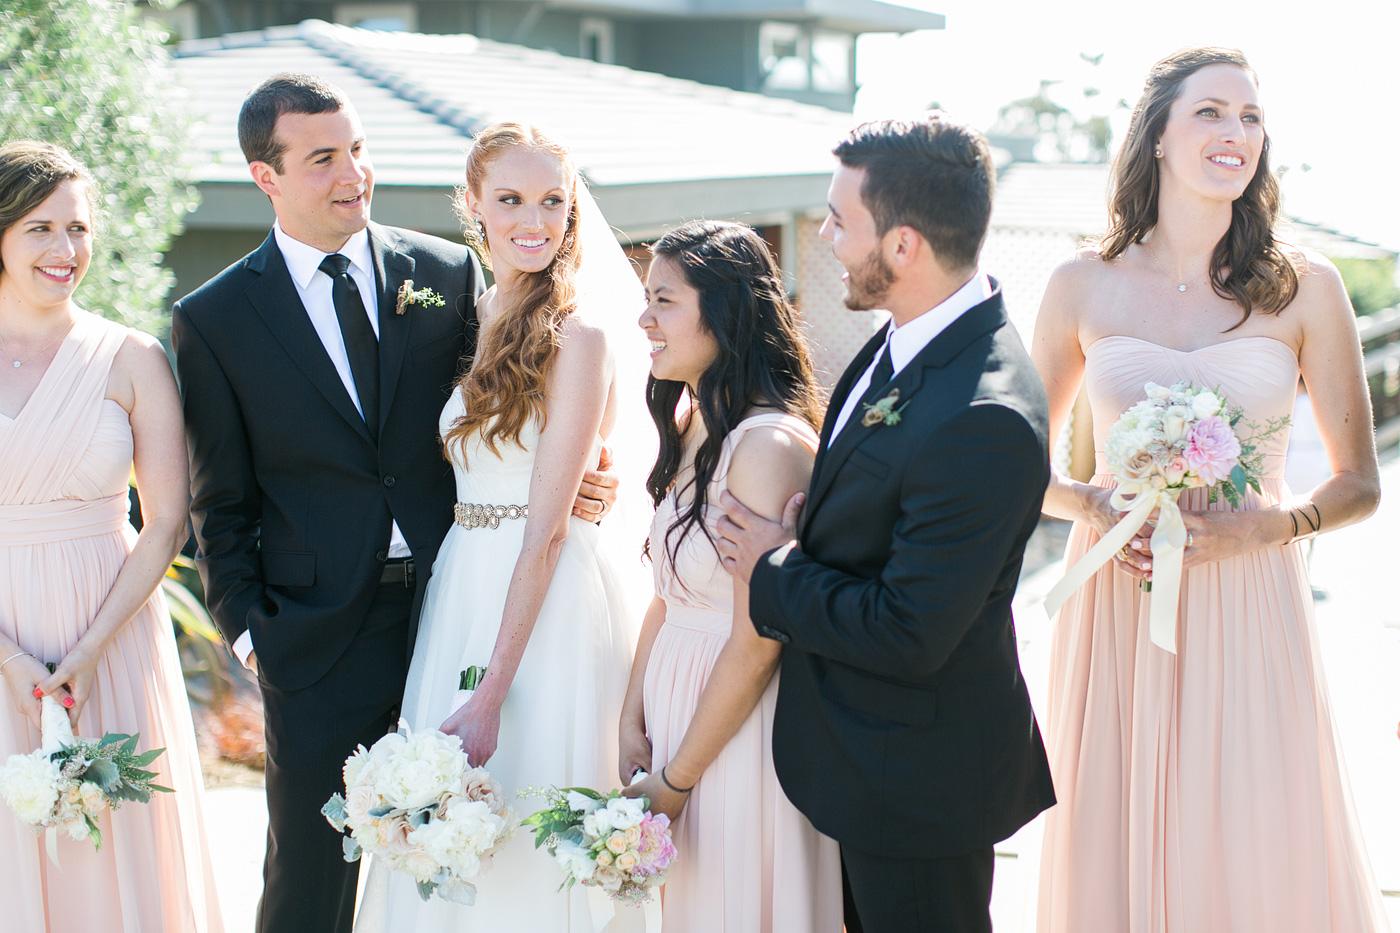 San-diego-wedding-17